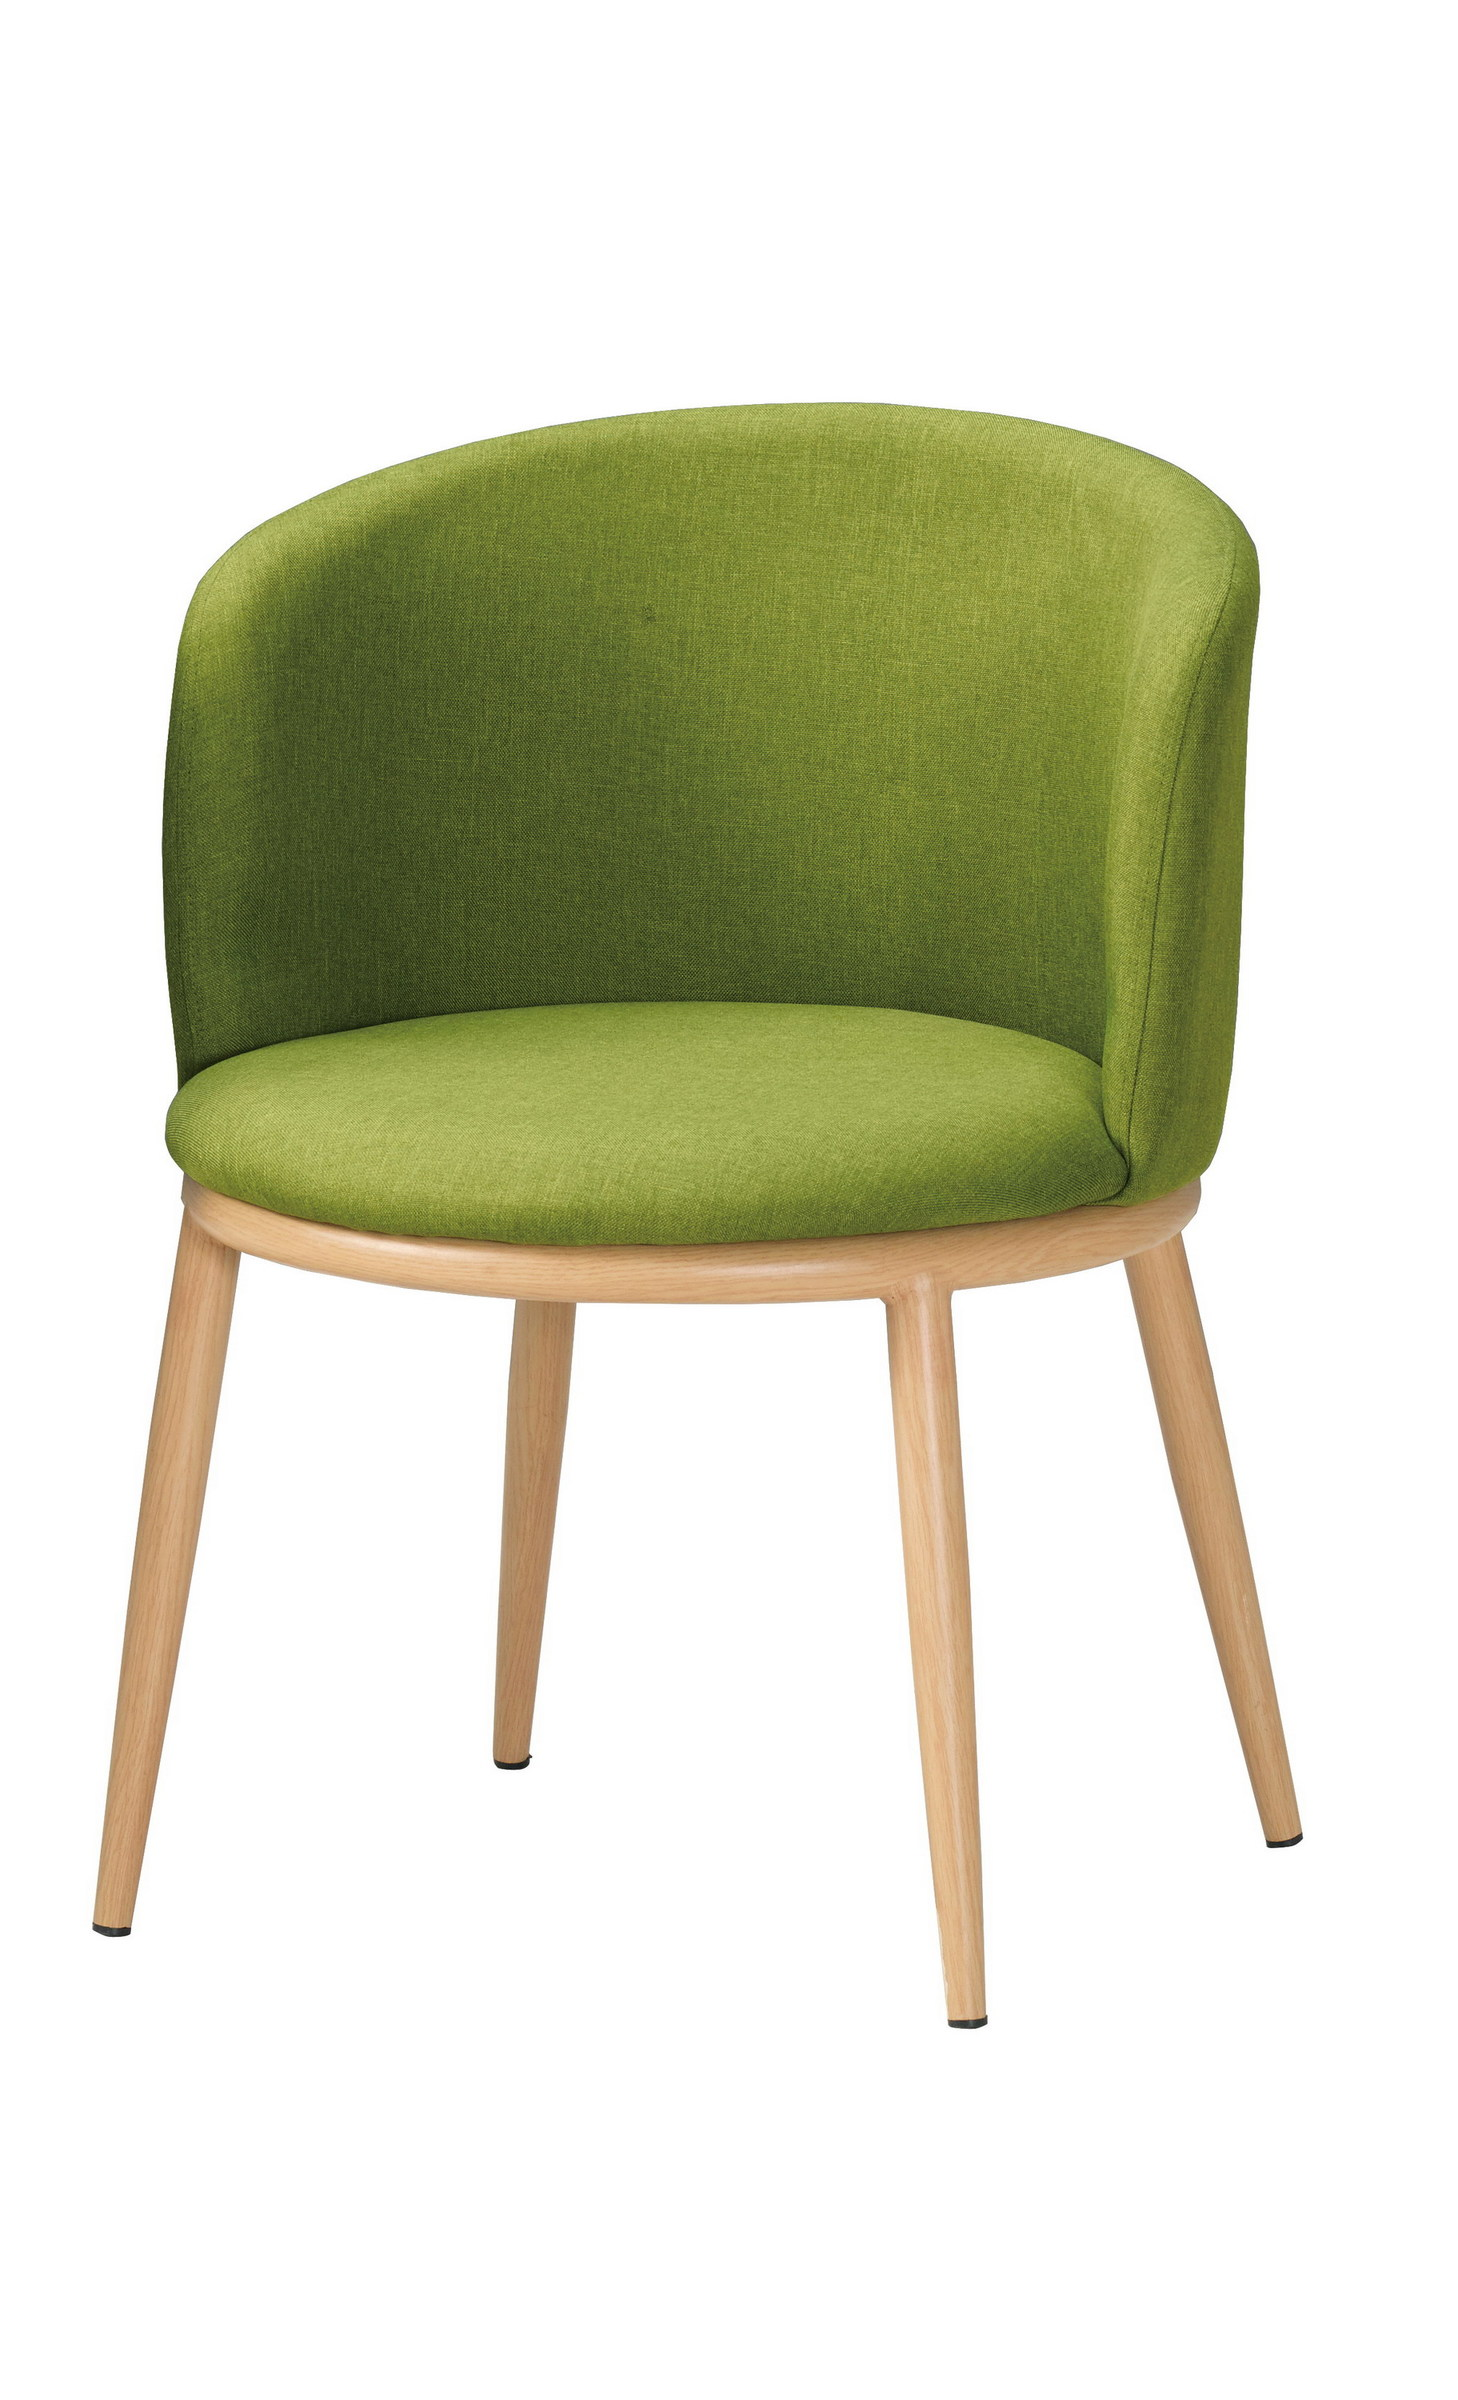 516-12 美諾瑪餐椅(綠色布).jpg